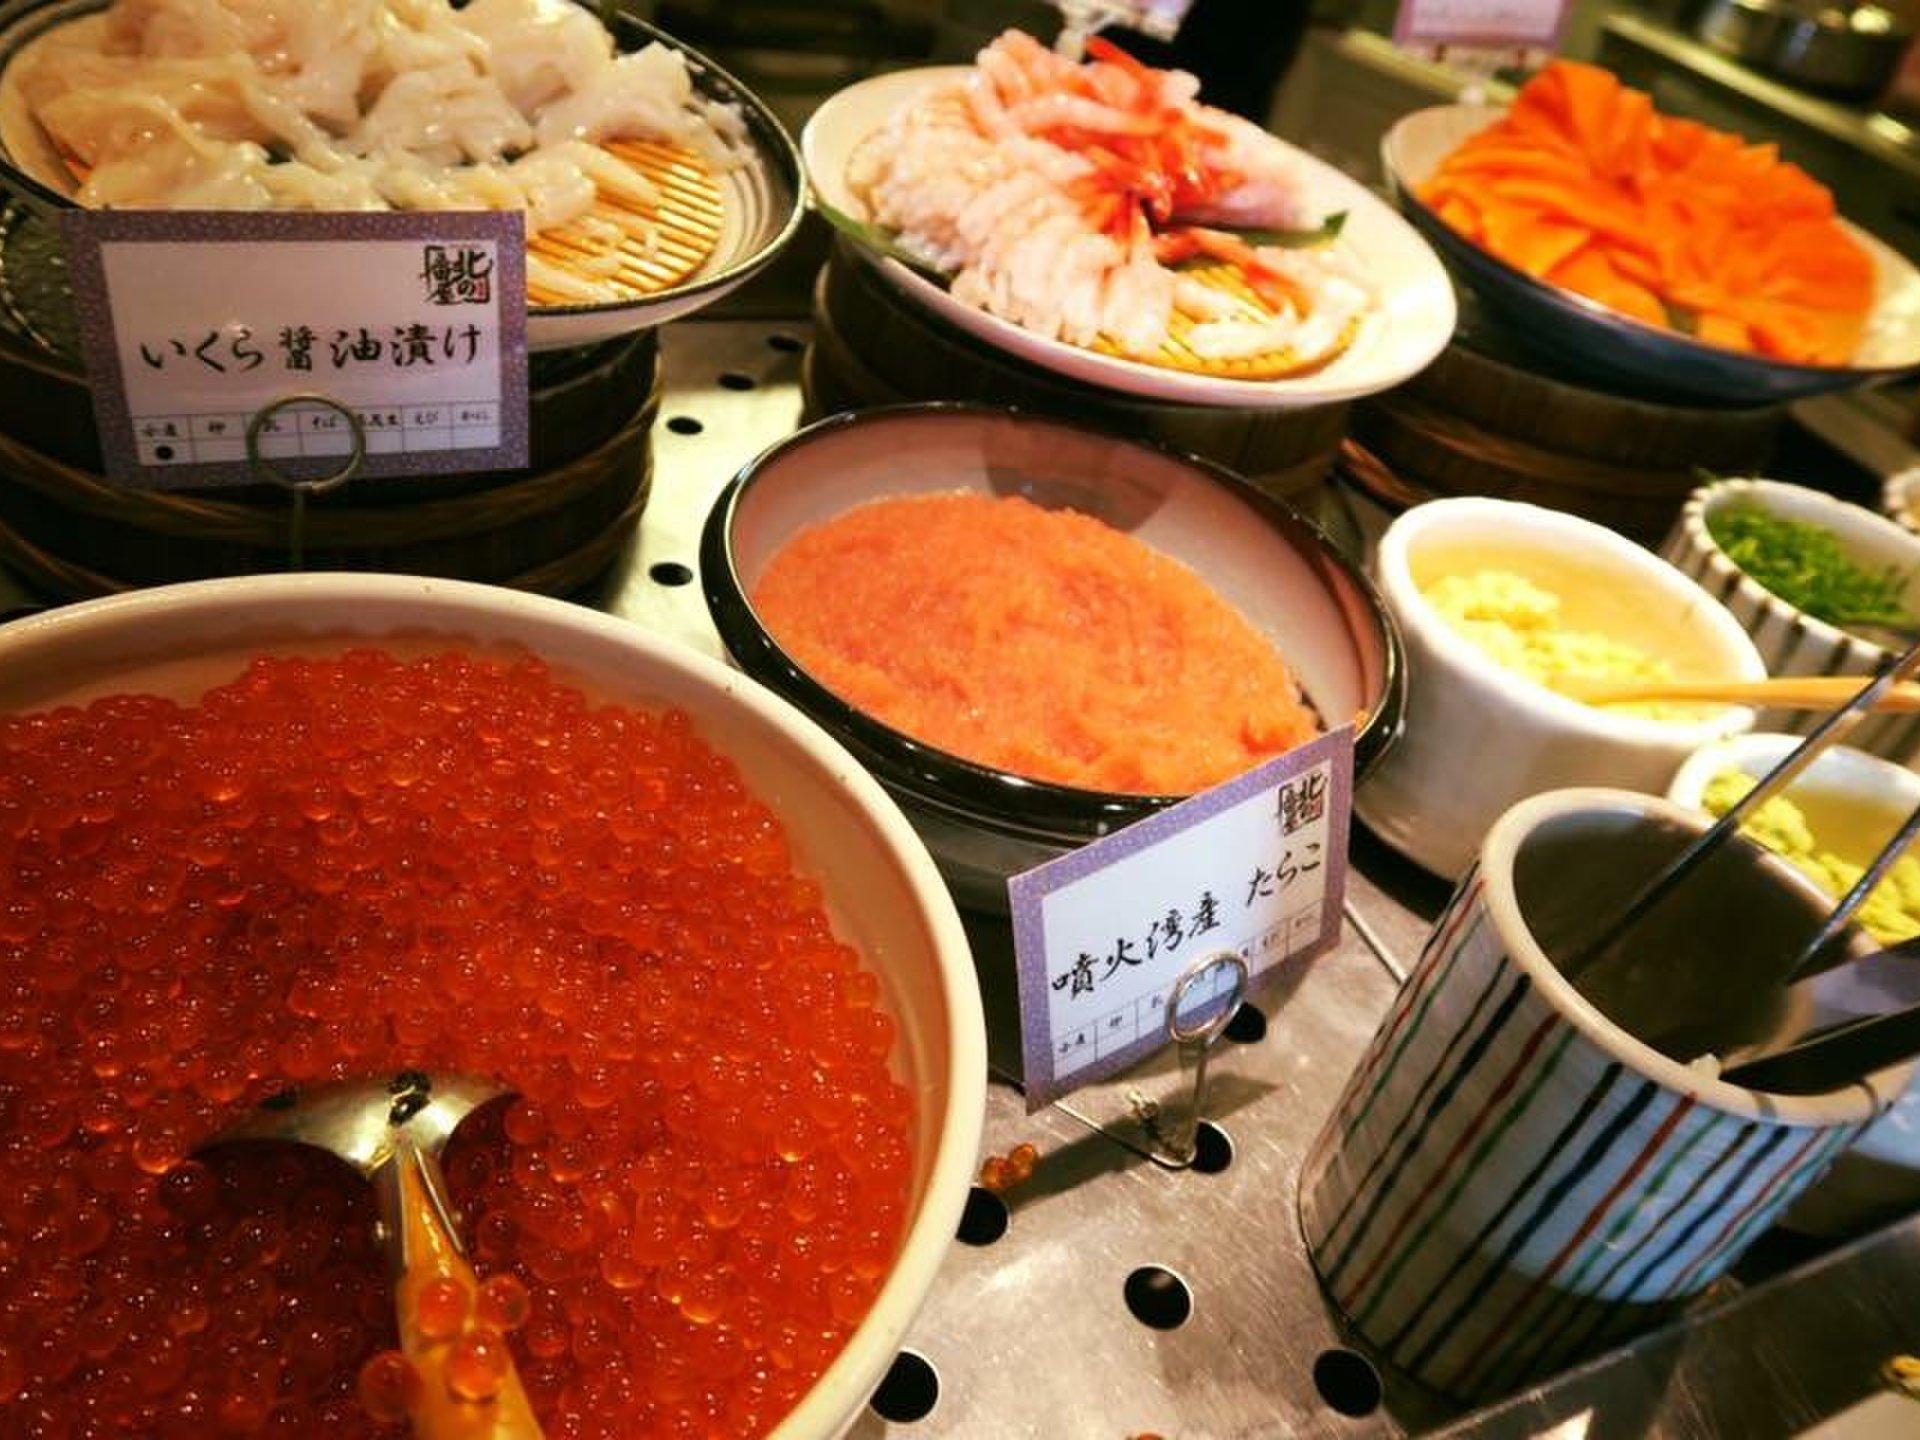 北海道、東北の絶品グルメと大自然を満喫のドライブ旅行【Day6 函館で食べる日本一の朝食】